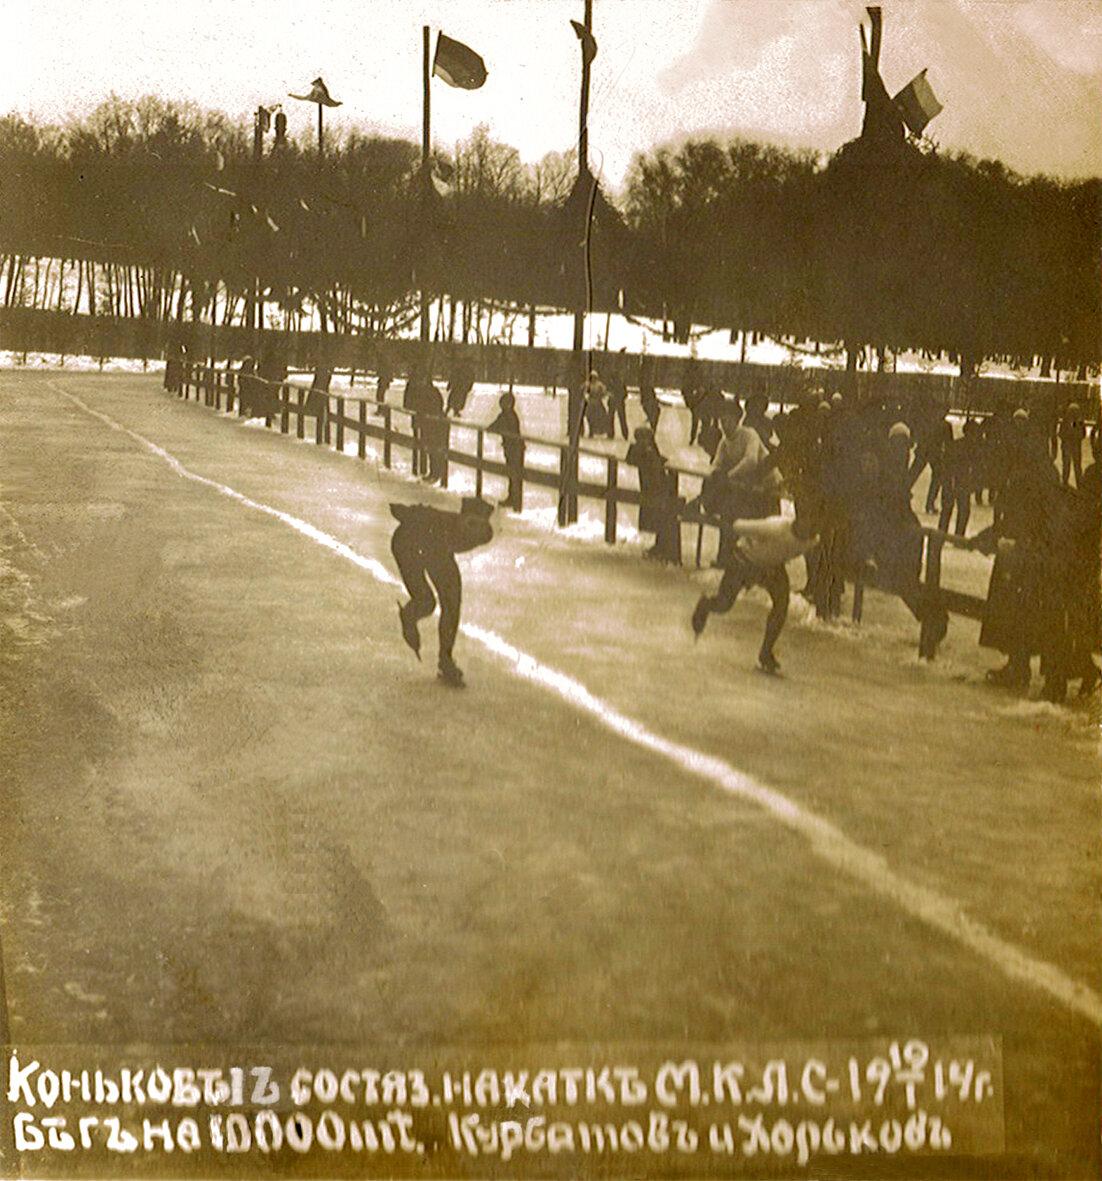 Коньковые состязания на катке М.К.Л.Сю 1914